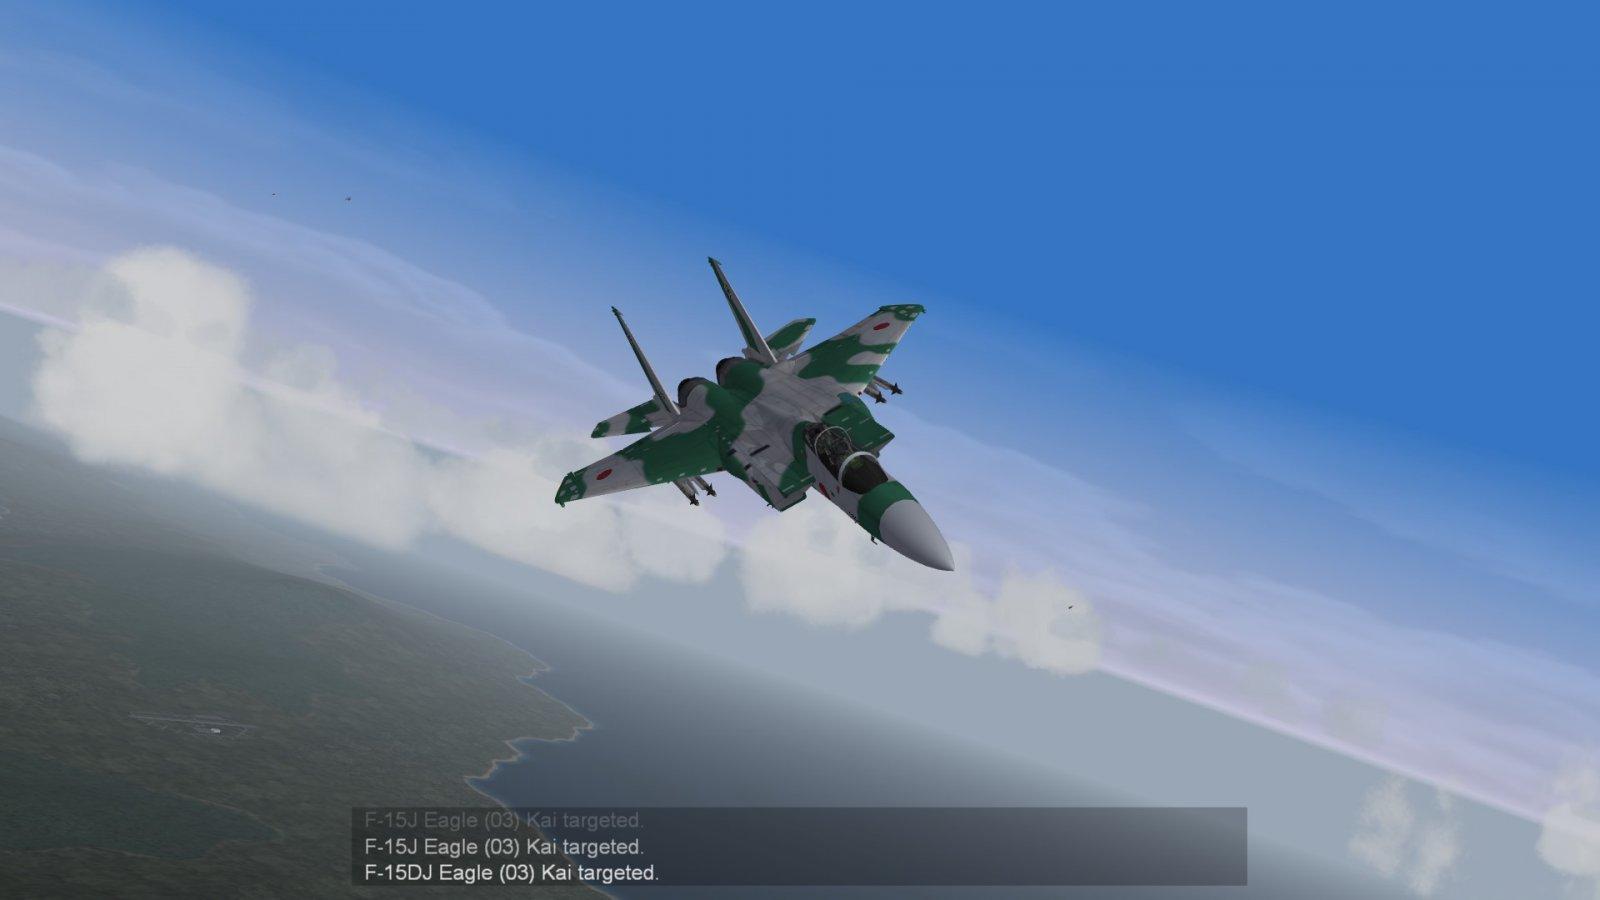 Aggressor Eagle Over the North